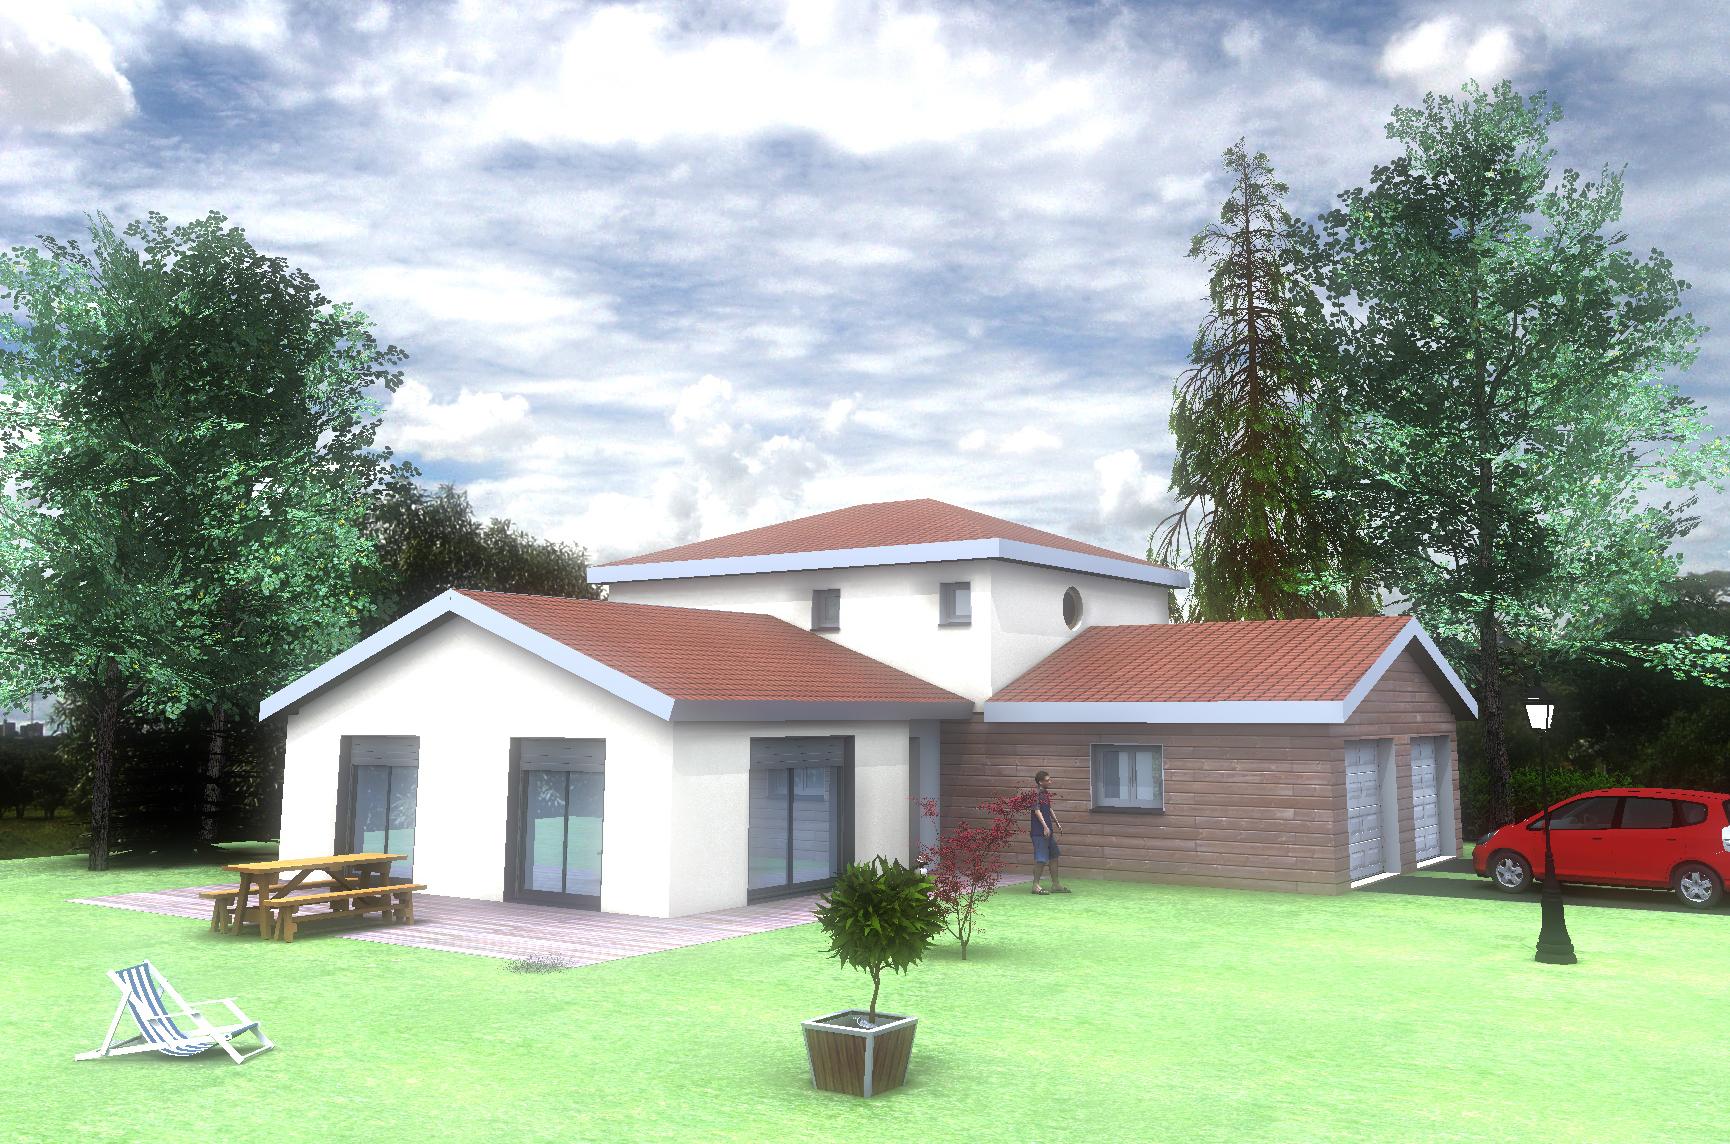 Maison avec garage double modèle MOZAC